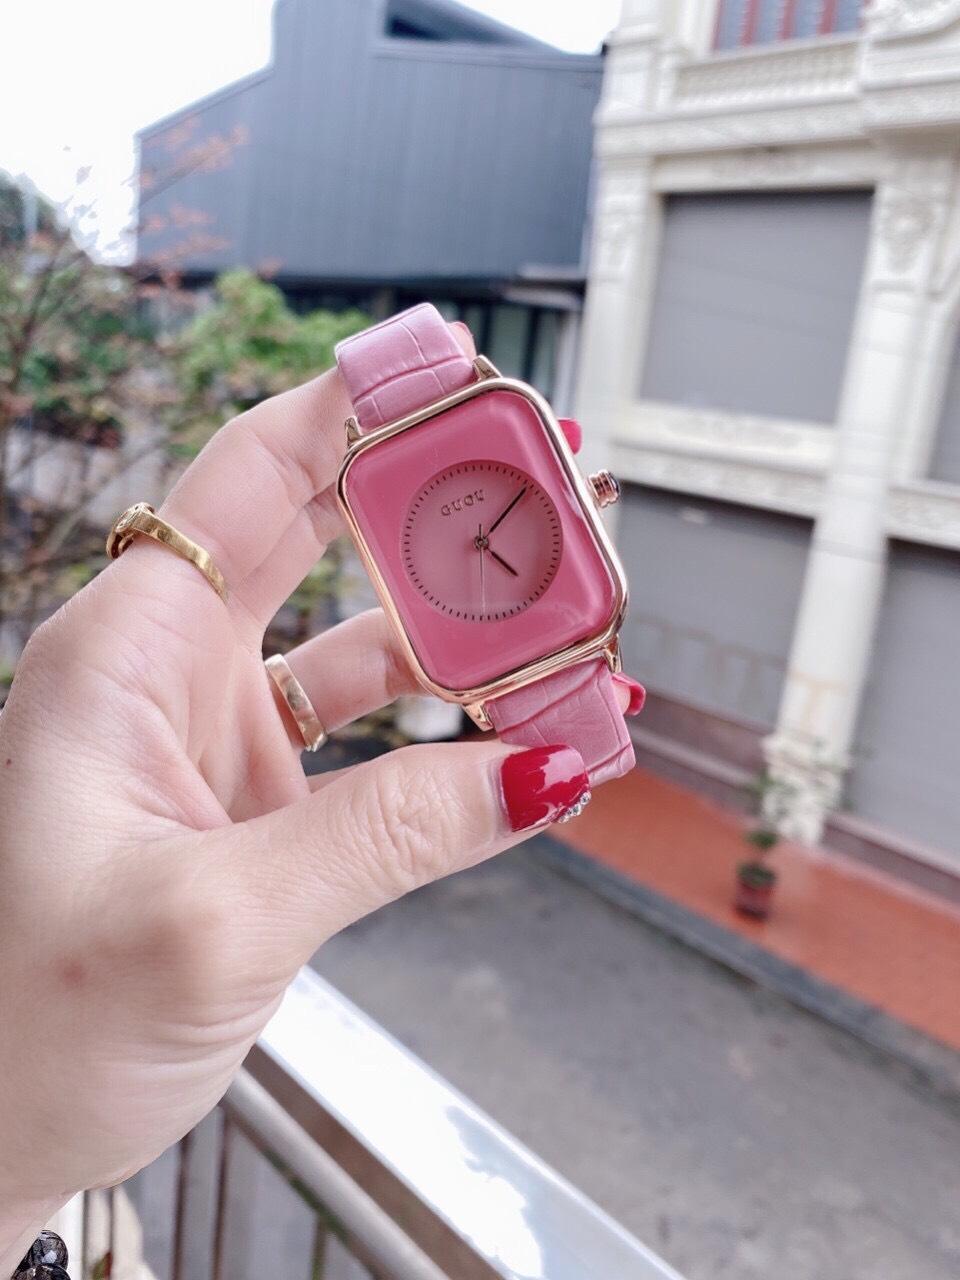 Đồng hồ Nữ GUOU Dây Mềm Mại đeo rất êm tay, Chống Nước Tốt, Bảo Hành Máy 12 Tháng Toàn Quốc 3